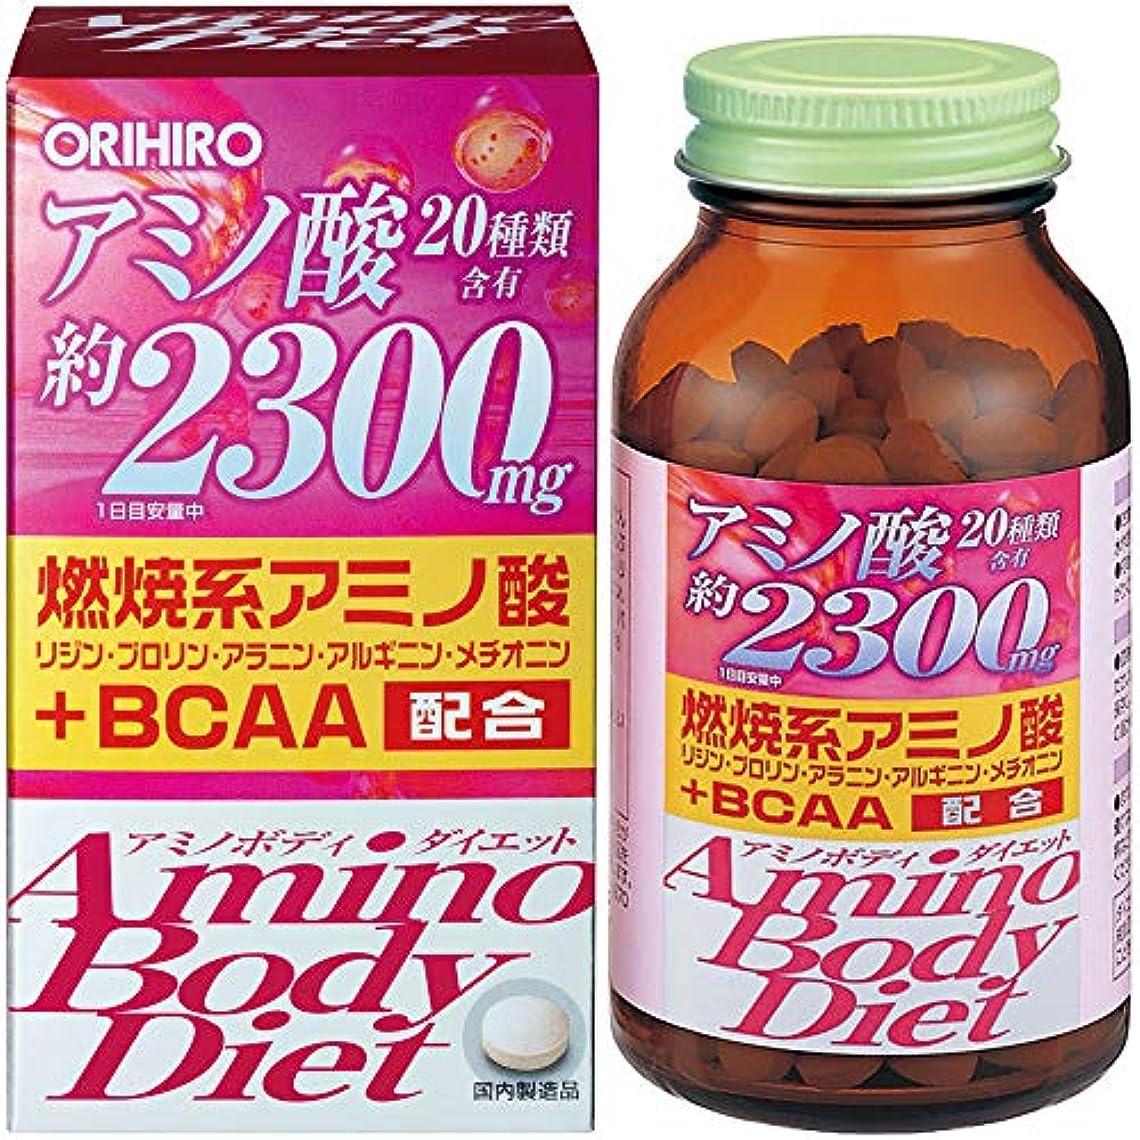 引く統計印象オリヒロ アミノボディ?ダイエット 約300粒